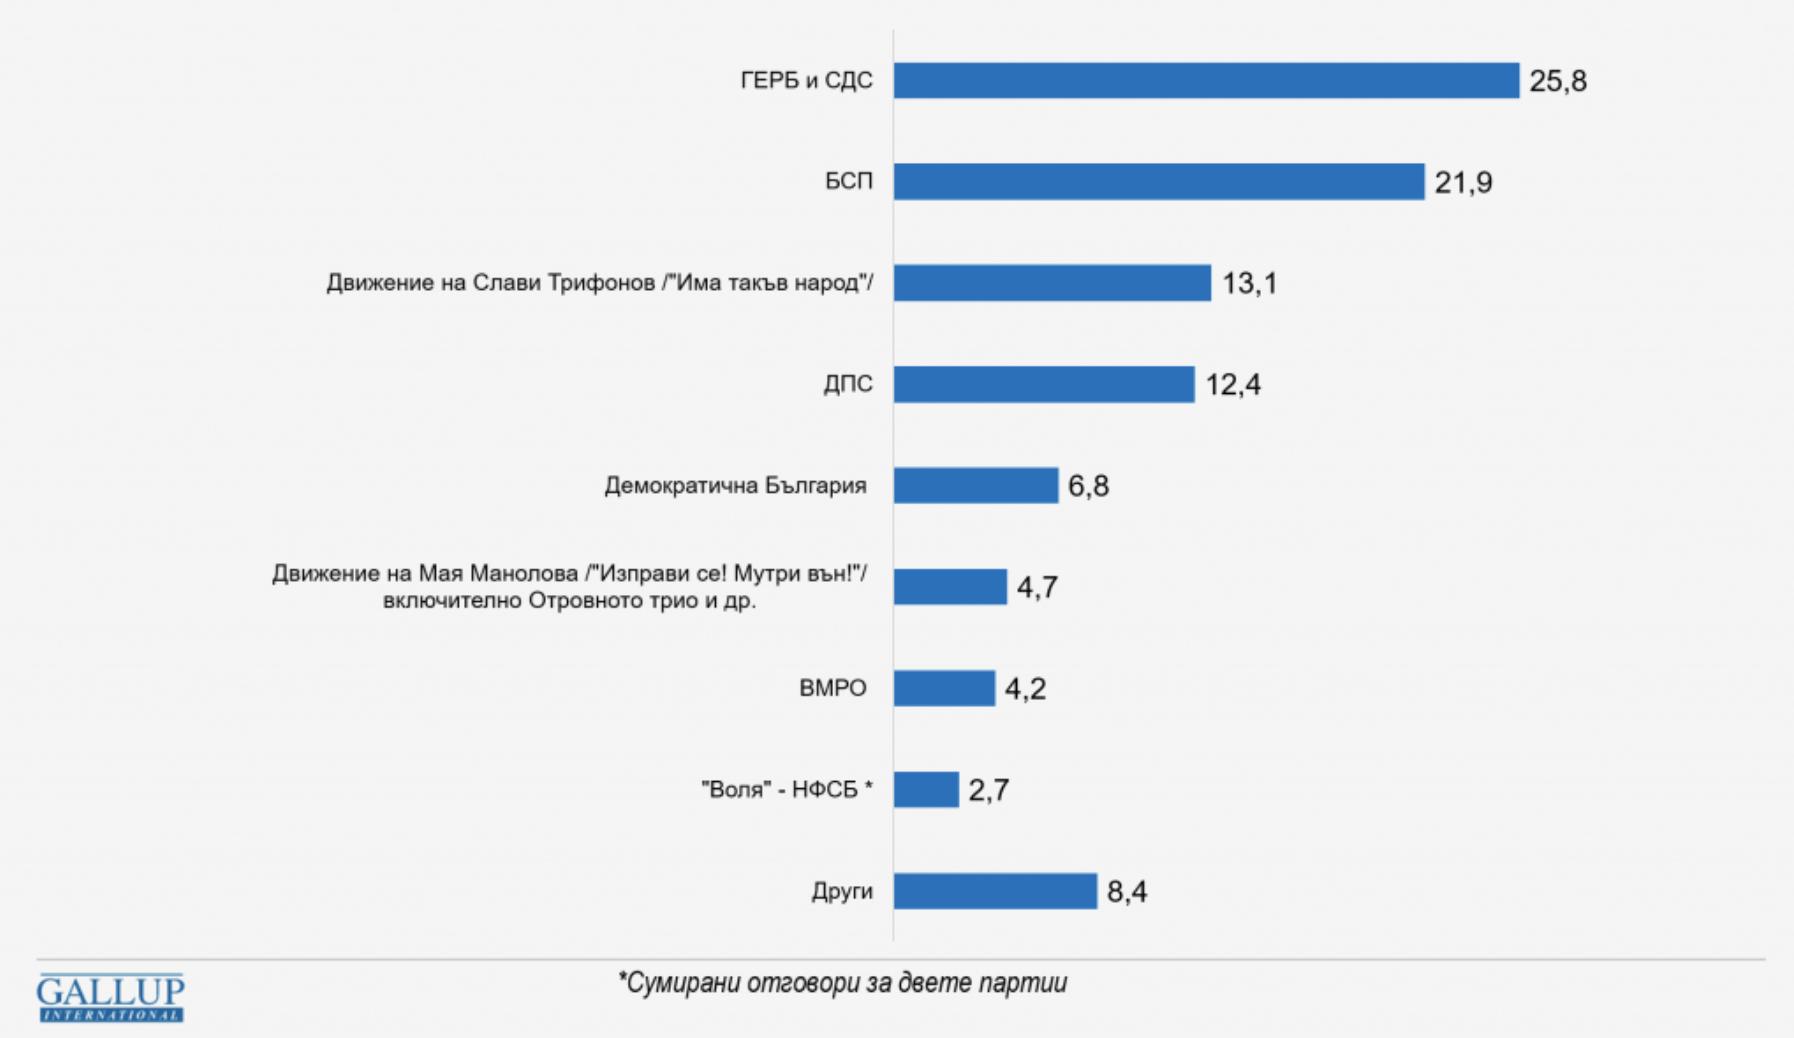 Βουλγαρία: Προηγείται το GERB-UDF με 25,8% έναντι 21,9% του BSP σε έρευνα της Gallup